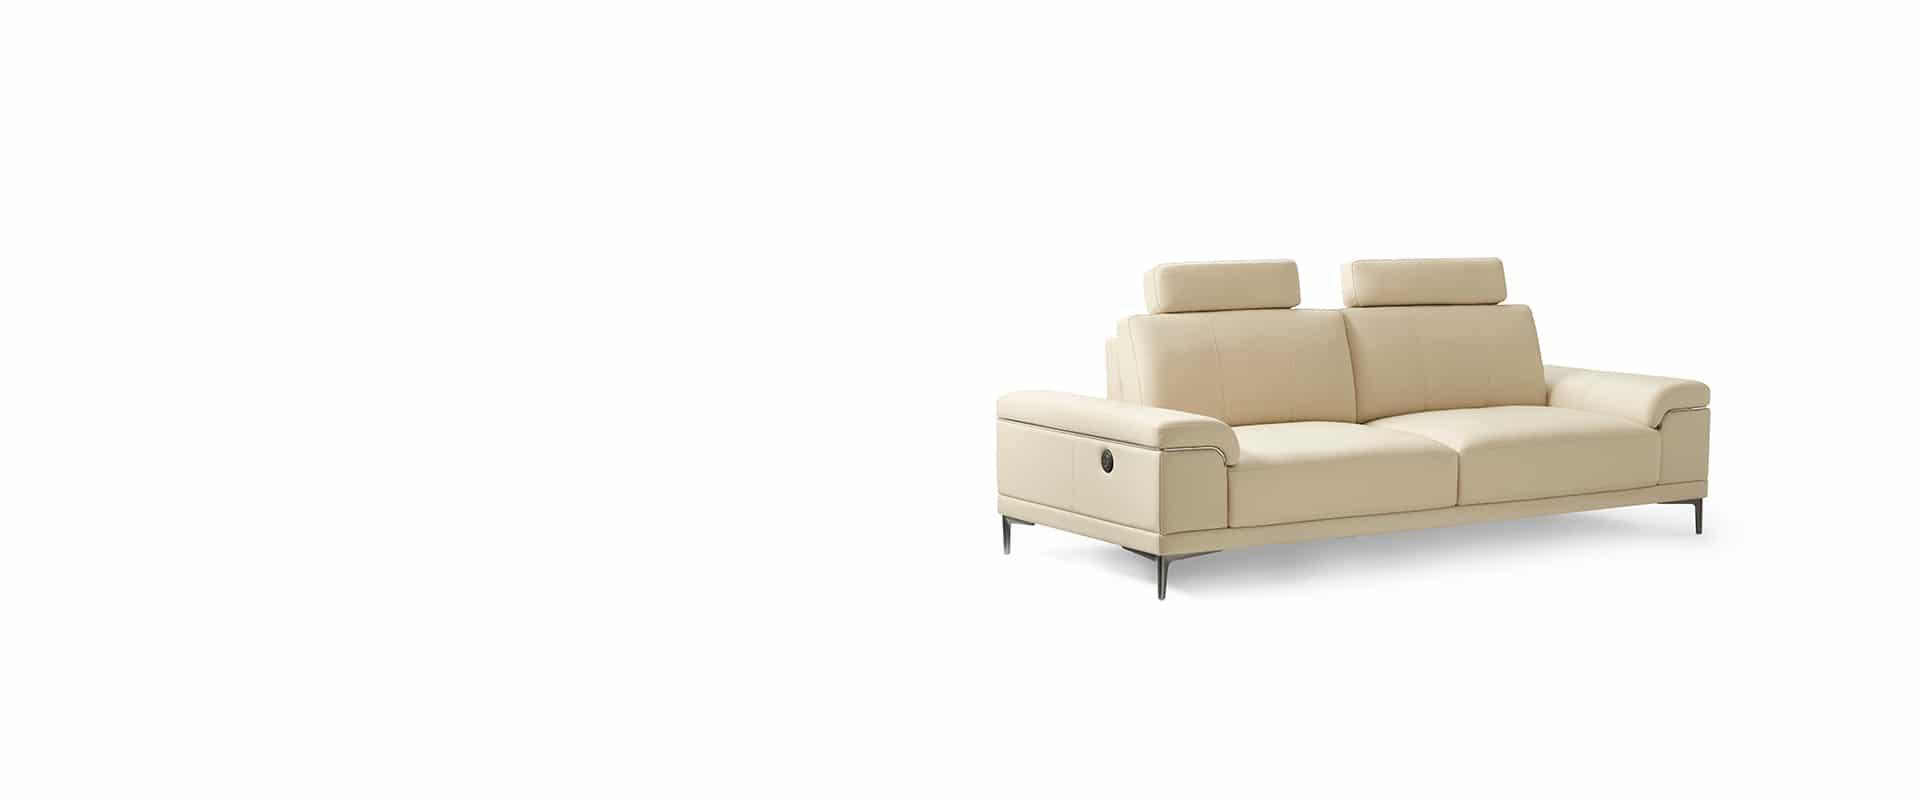 Cherish Sofas